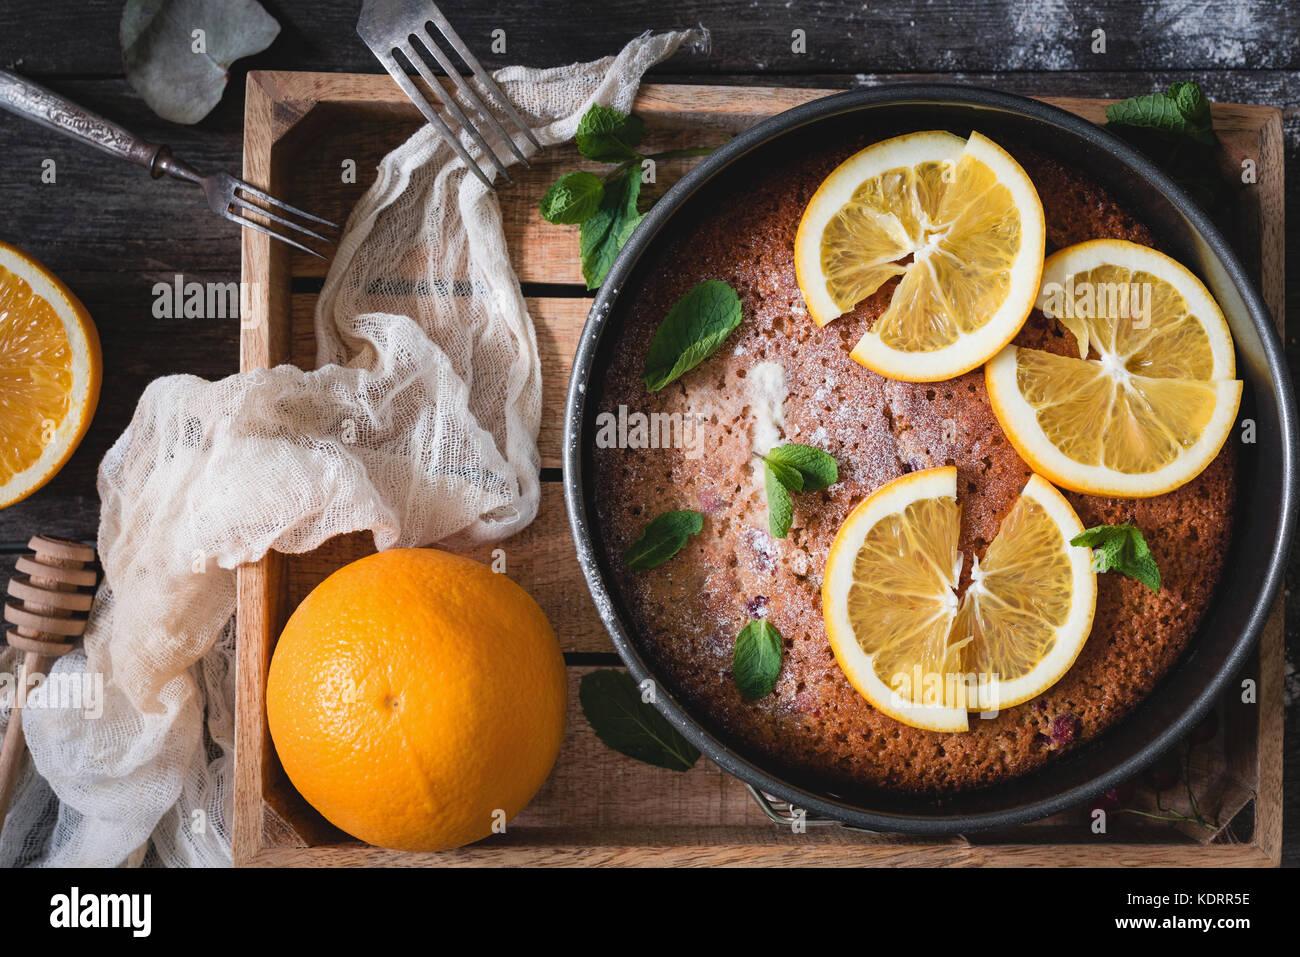 Orange torta decorata con fettine di arancia e foglia di menta sul vassoio in legno vista dall'alto. cibo ancora Immagini Stock